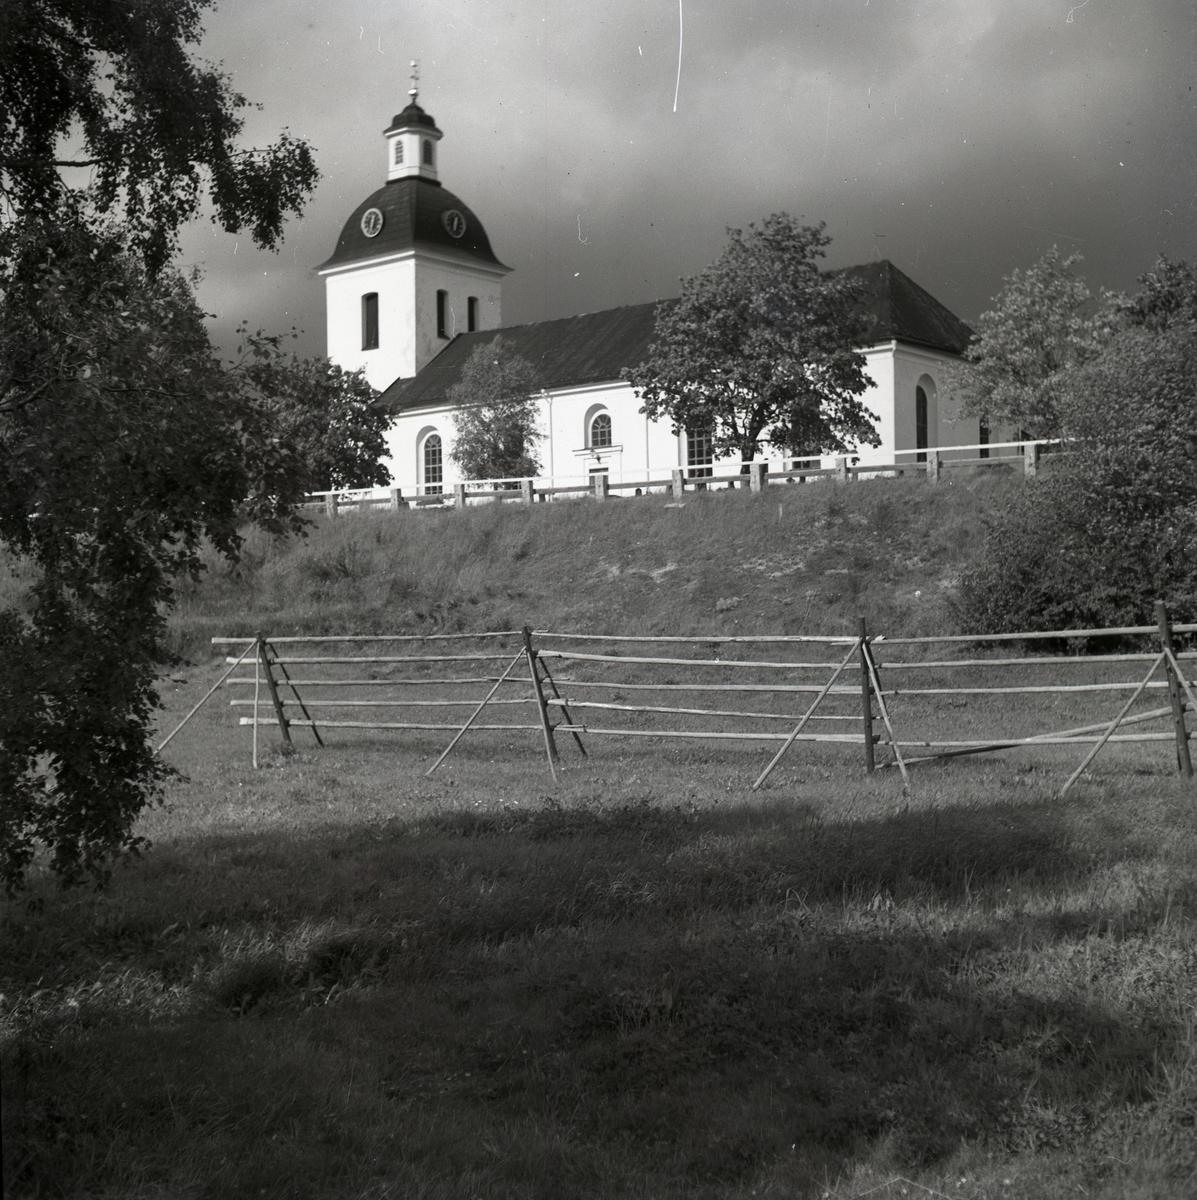 Gnarps kyrka bortom en väg och några tomma hässjor.